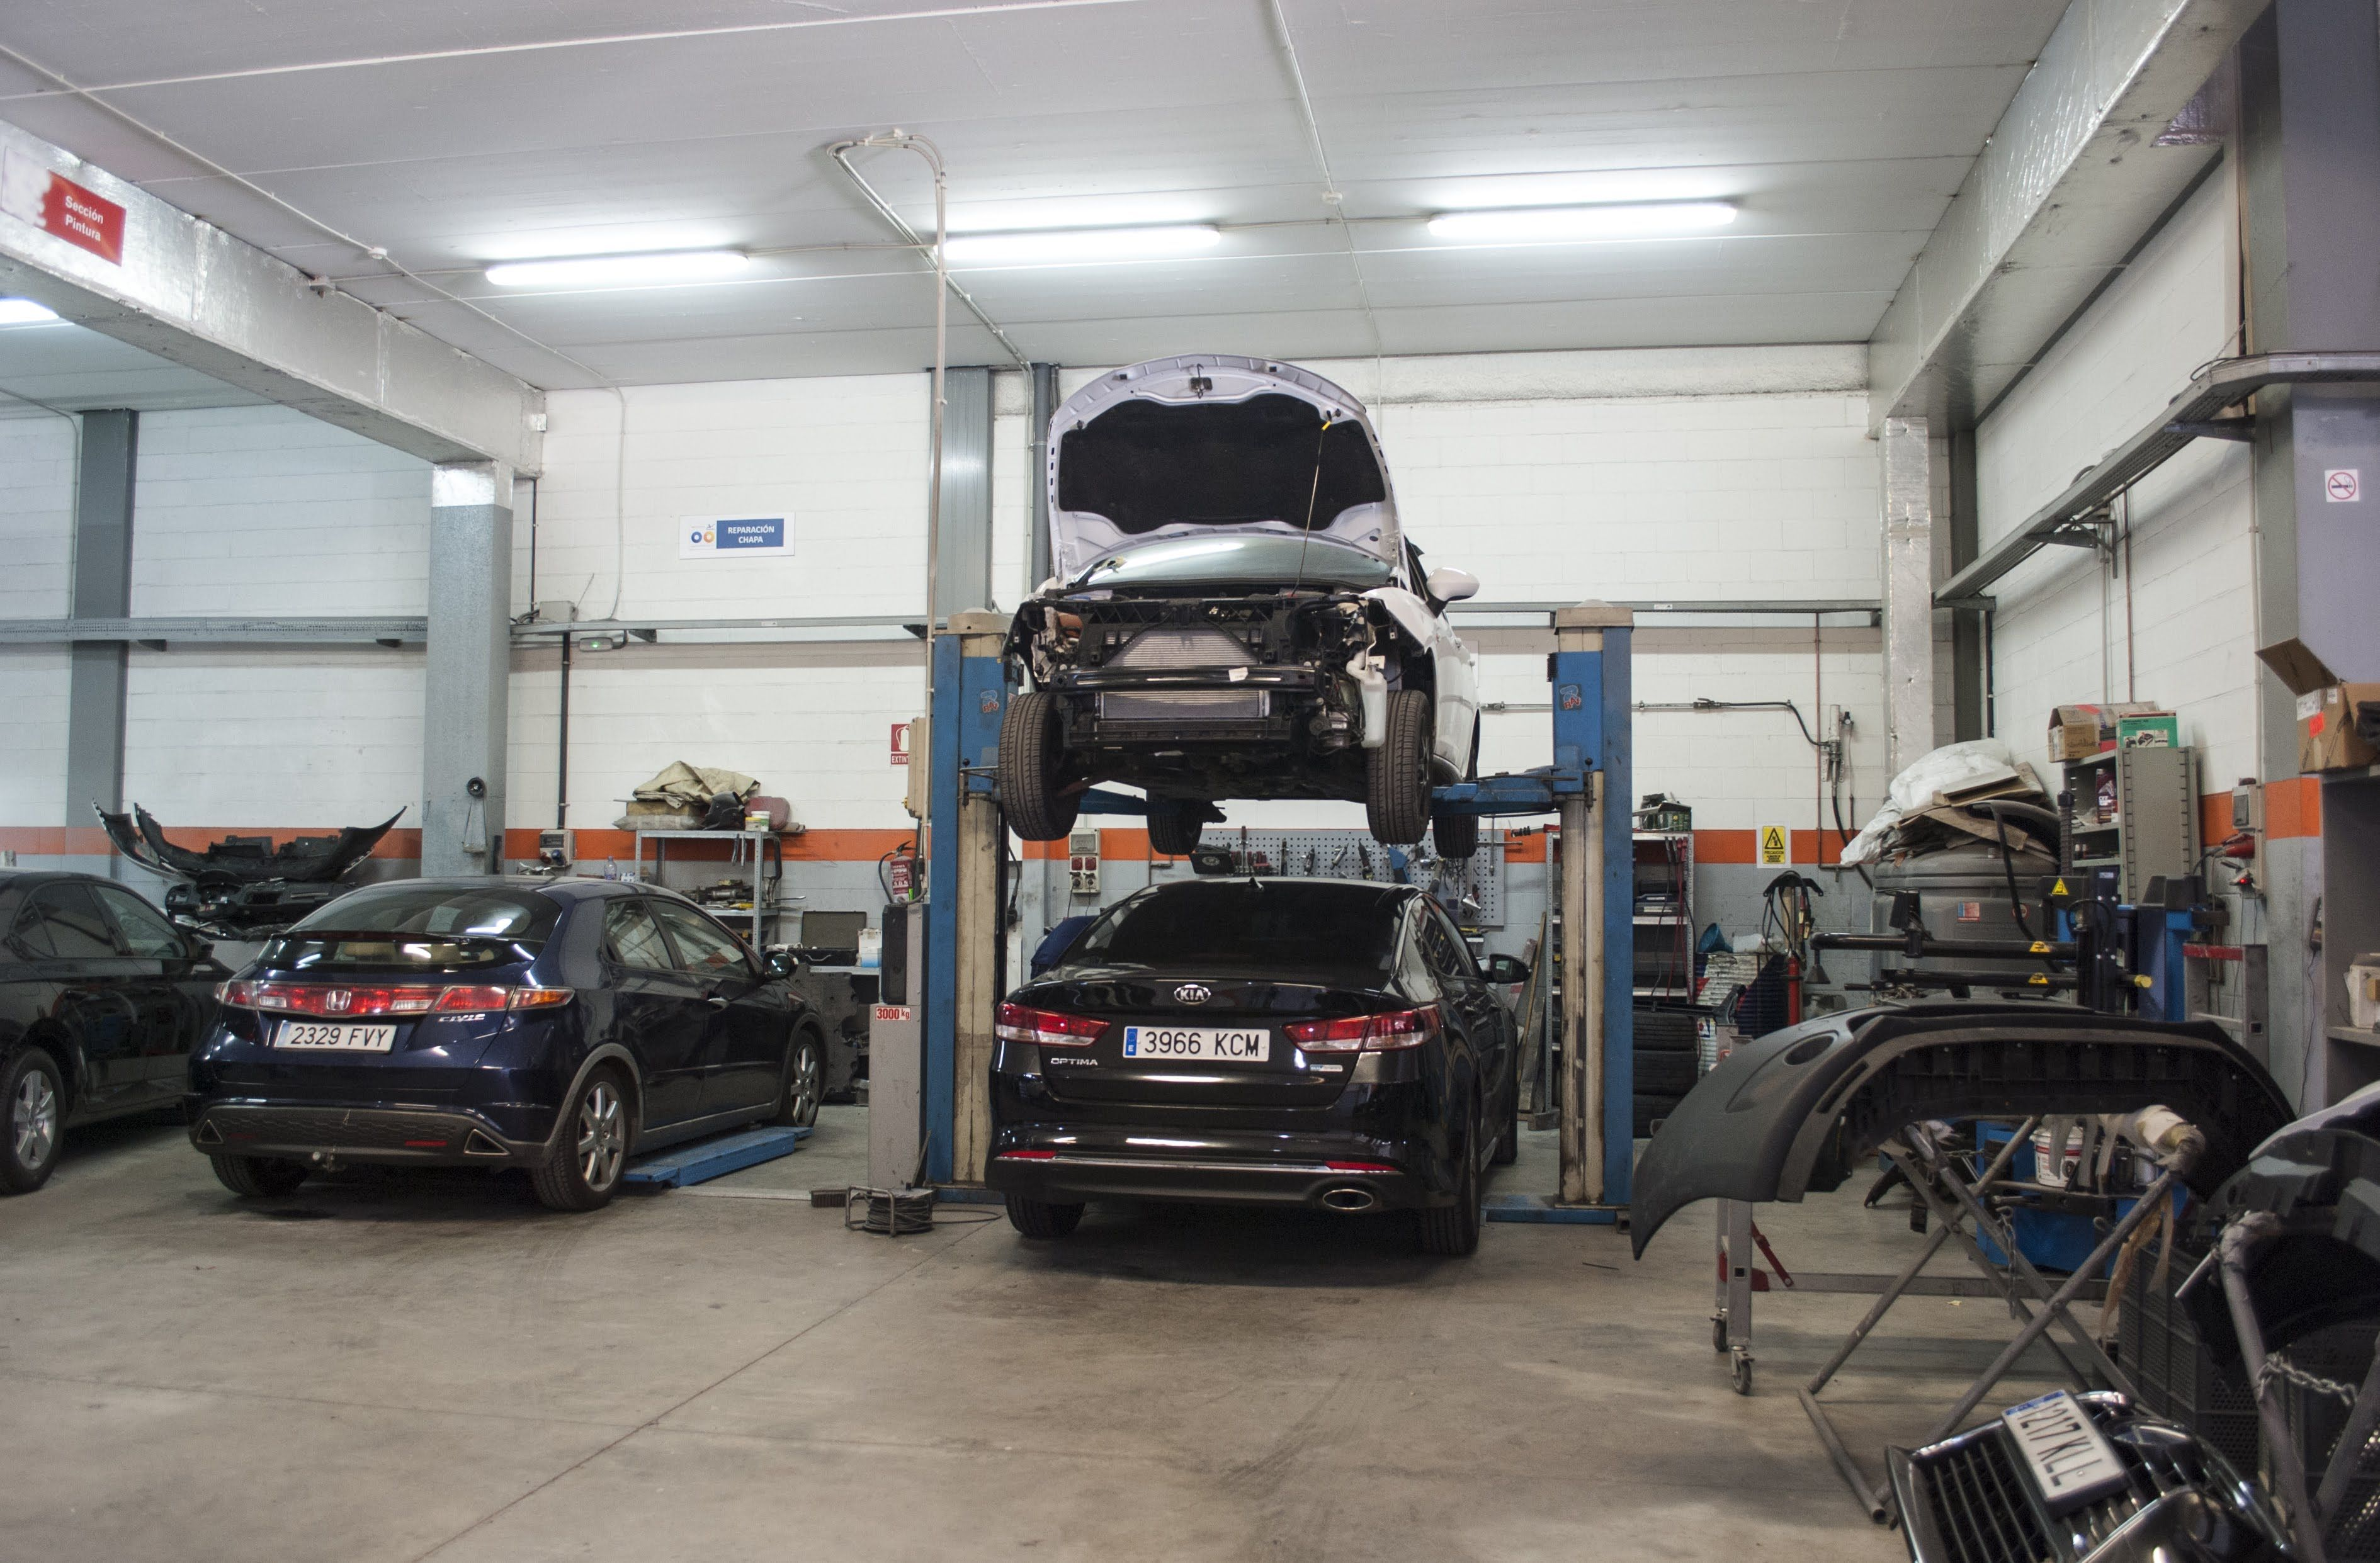 Vehículos en reparación